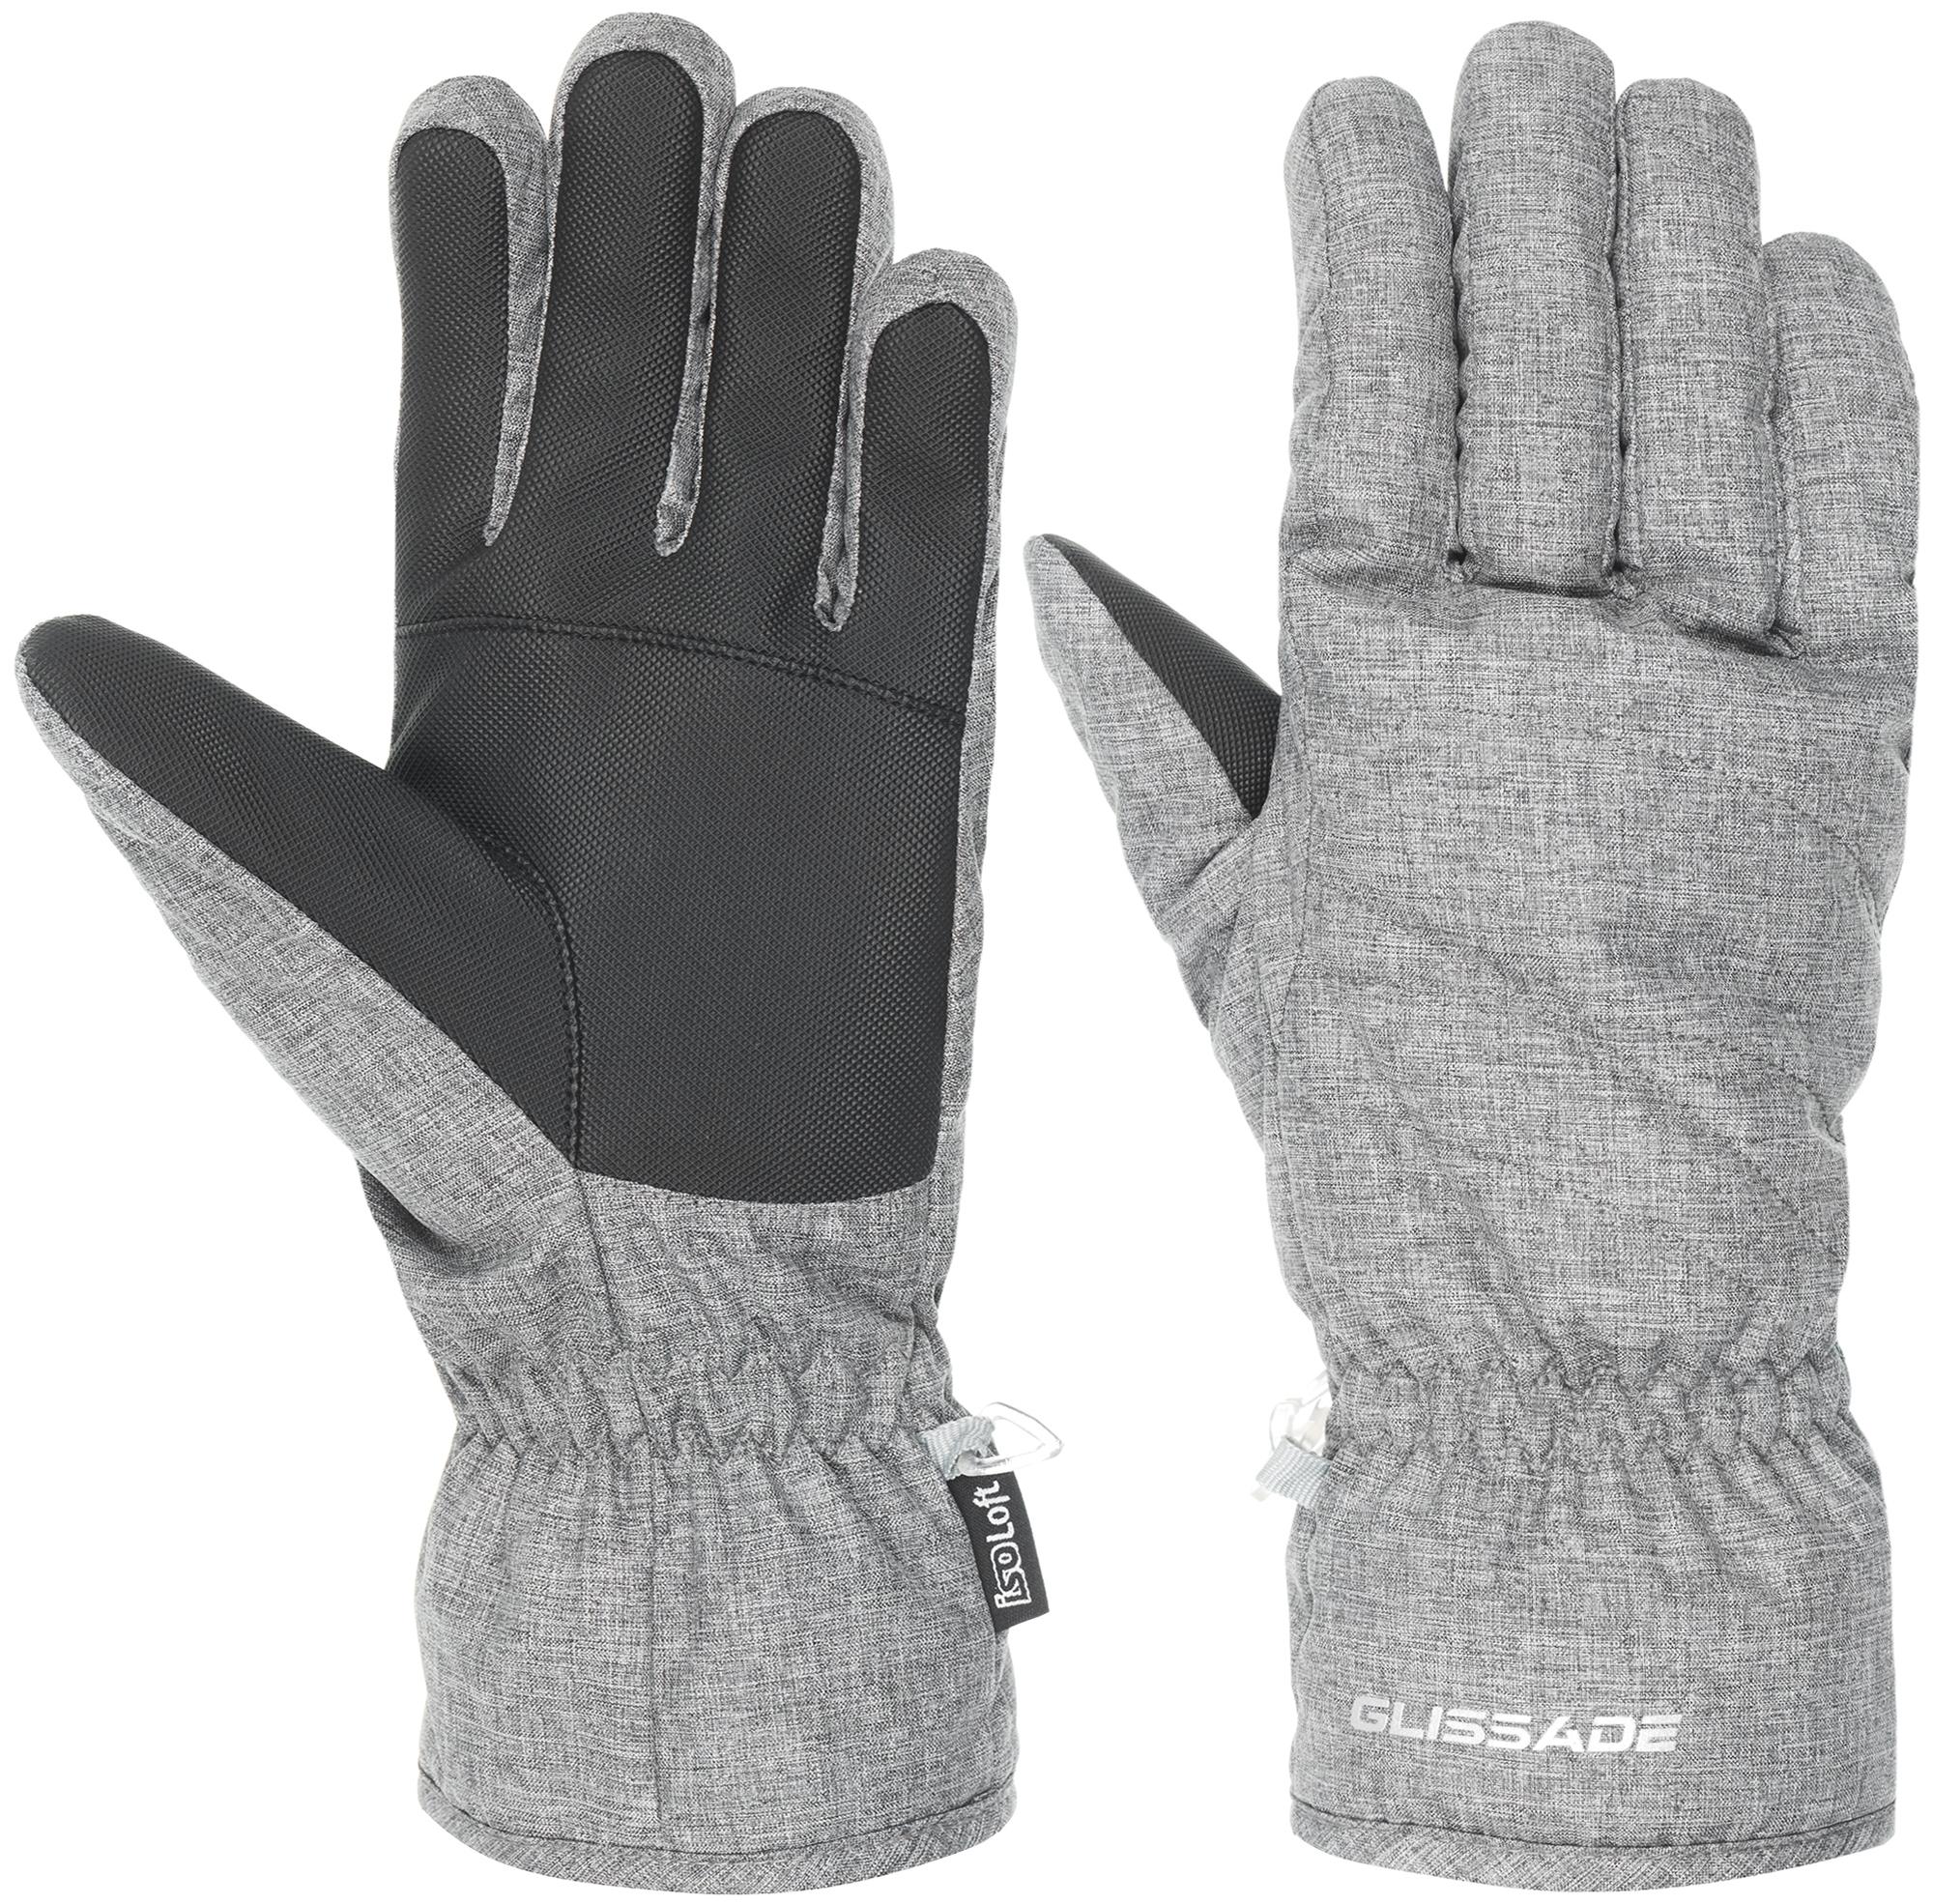 Glissade Перчатки женские Glissade перчатки stella перчатки